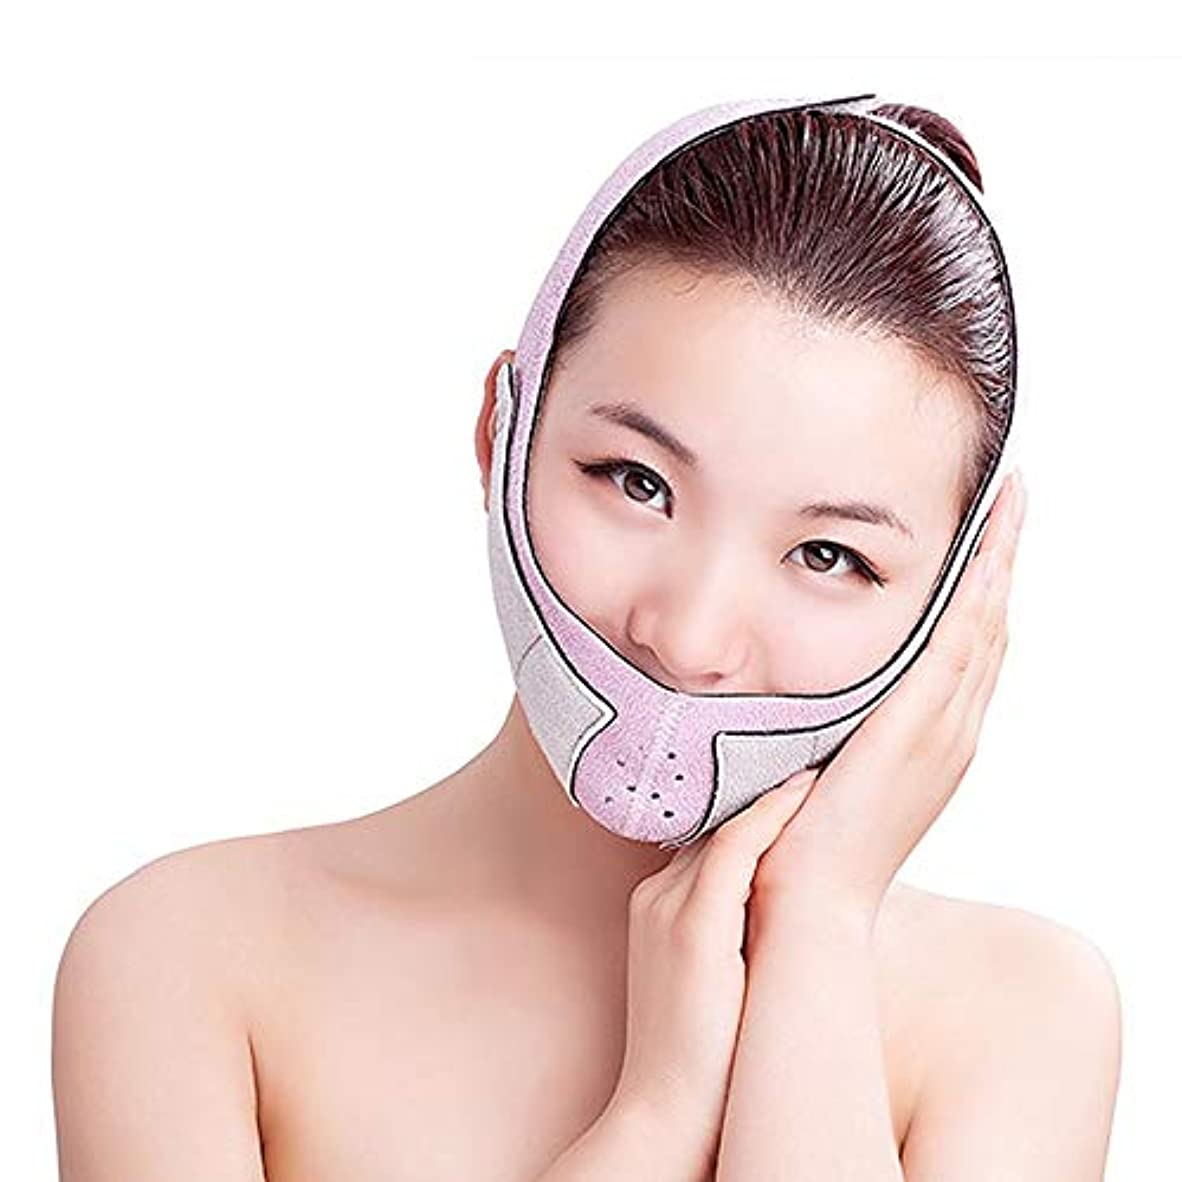 深く不定有名人薄い顔のベルト - 薄い顔のベルト通気性の補正3D薄い顔のV顔のベルトの包帯薄い顔のアーティファクト 美しさ (色 : B)